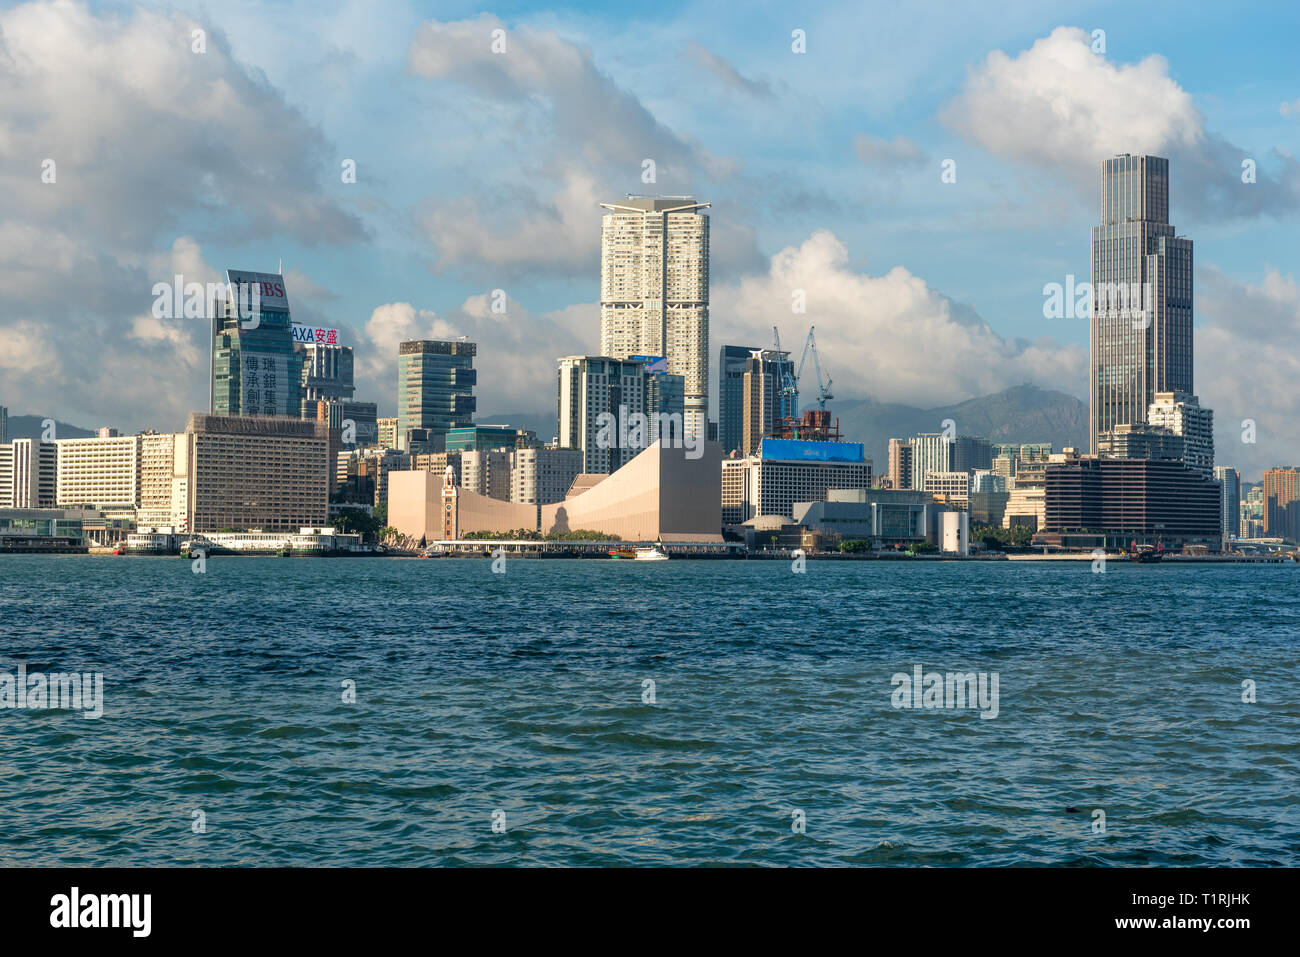 Kowloon Peninsula in Hong Kong SAR - Stock Image